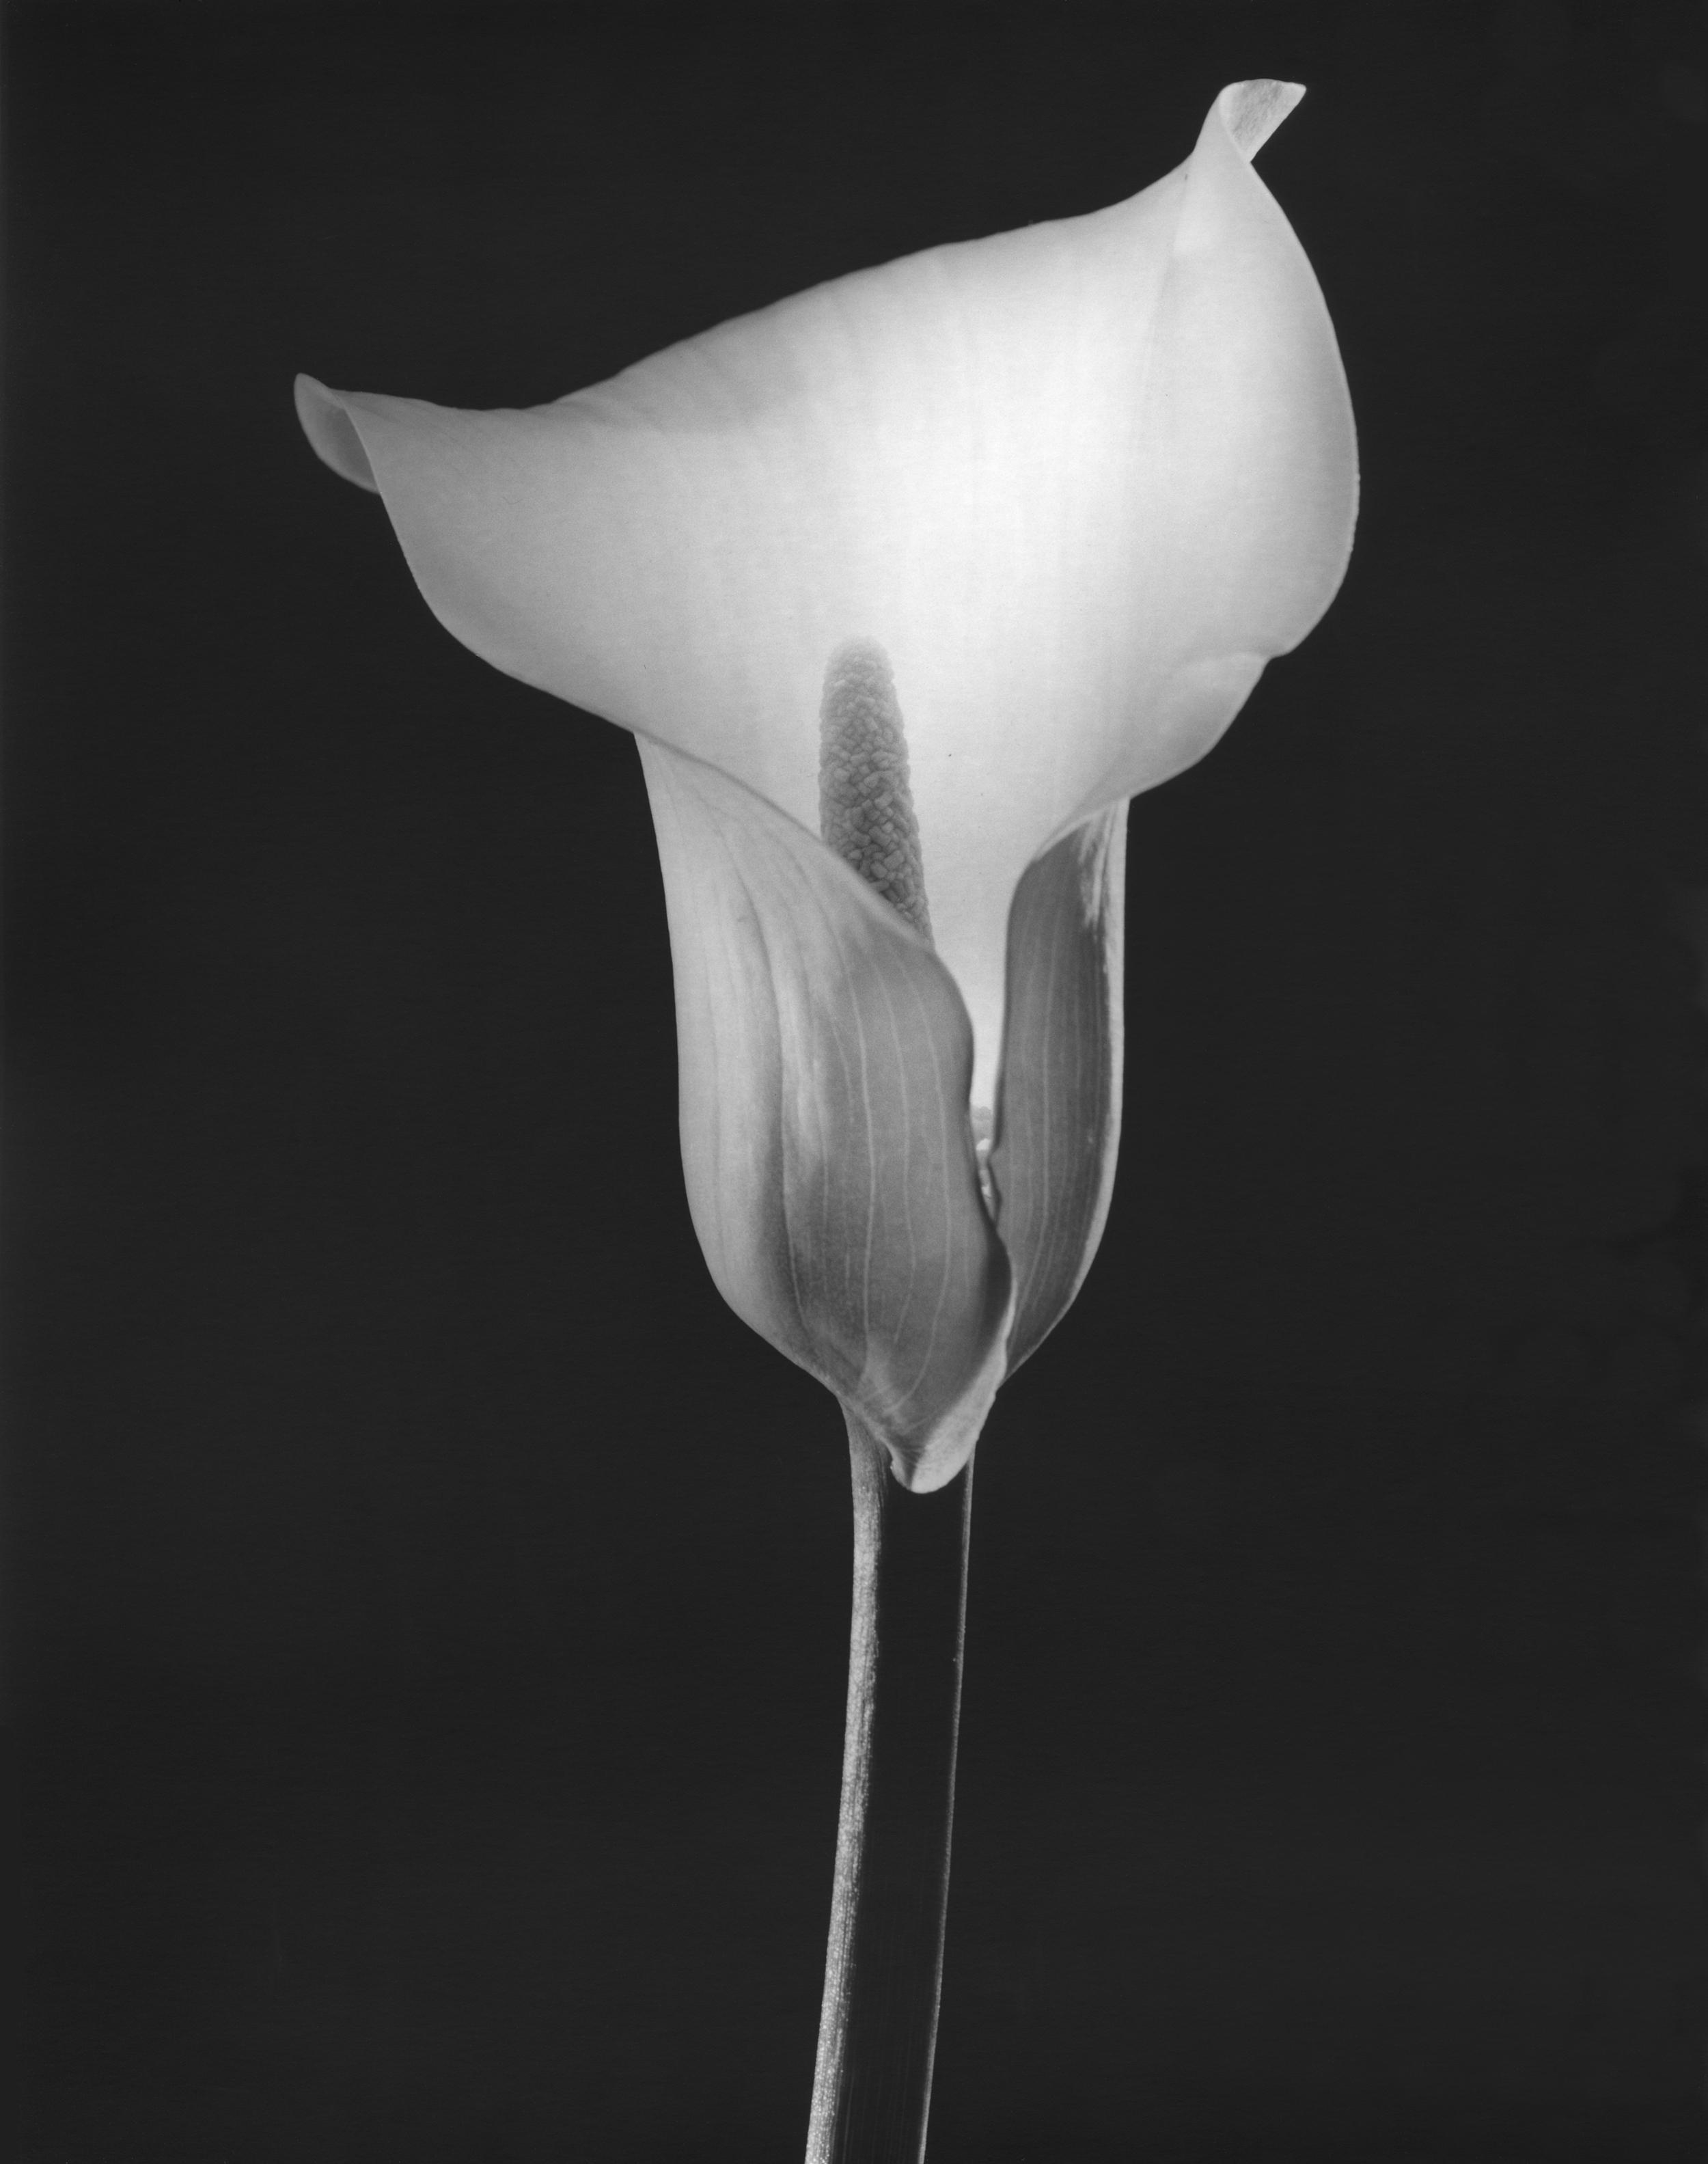 Le lys en noir et blanc